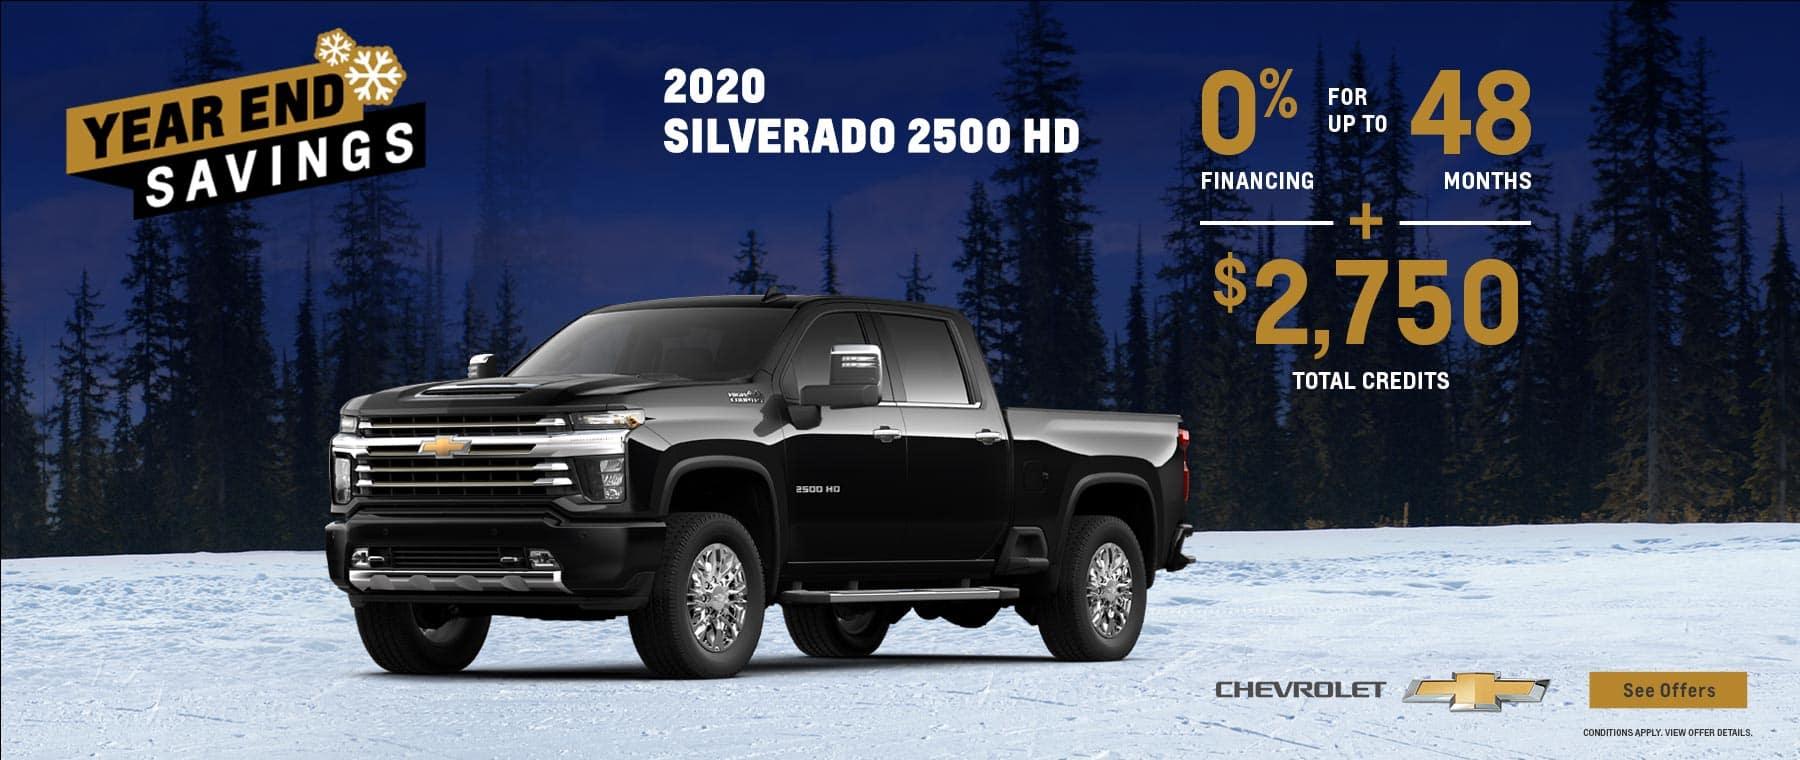 Silverado_HD-ABPR_2020_DEC_WST_Chevy_T3_EN_1800x760